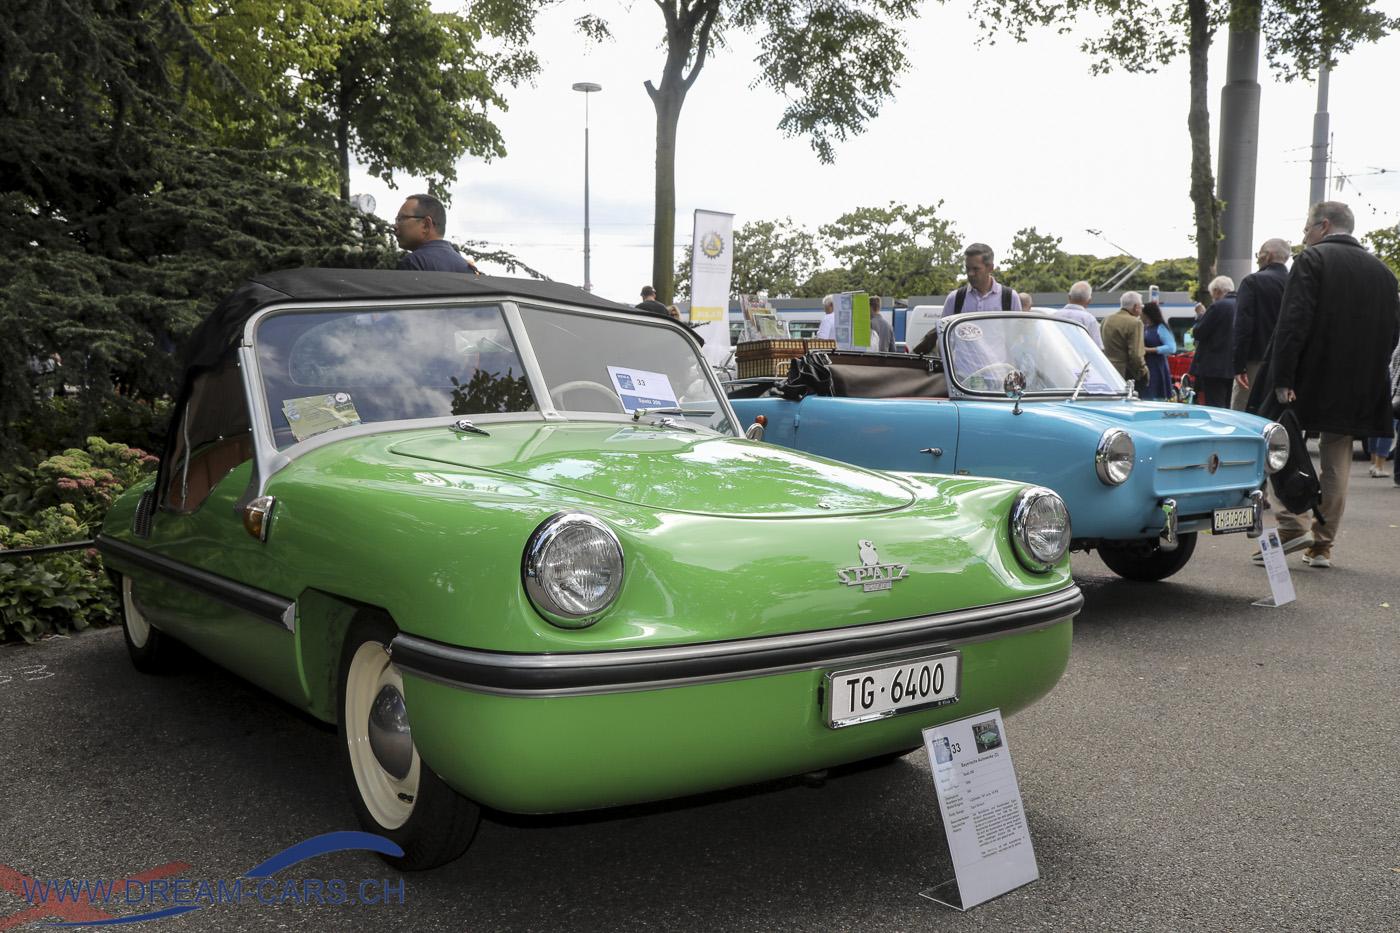 ZCCA, Zurich Classic Car Award auf dem Bürkliplatz in Zürich, 21. August 2019. Ein dreiplätziger Victoria Spatz 200, gebaut bei den Bayerischen Autowerken. Die Konstruktion stammt von Egon Brütsch